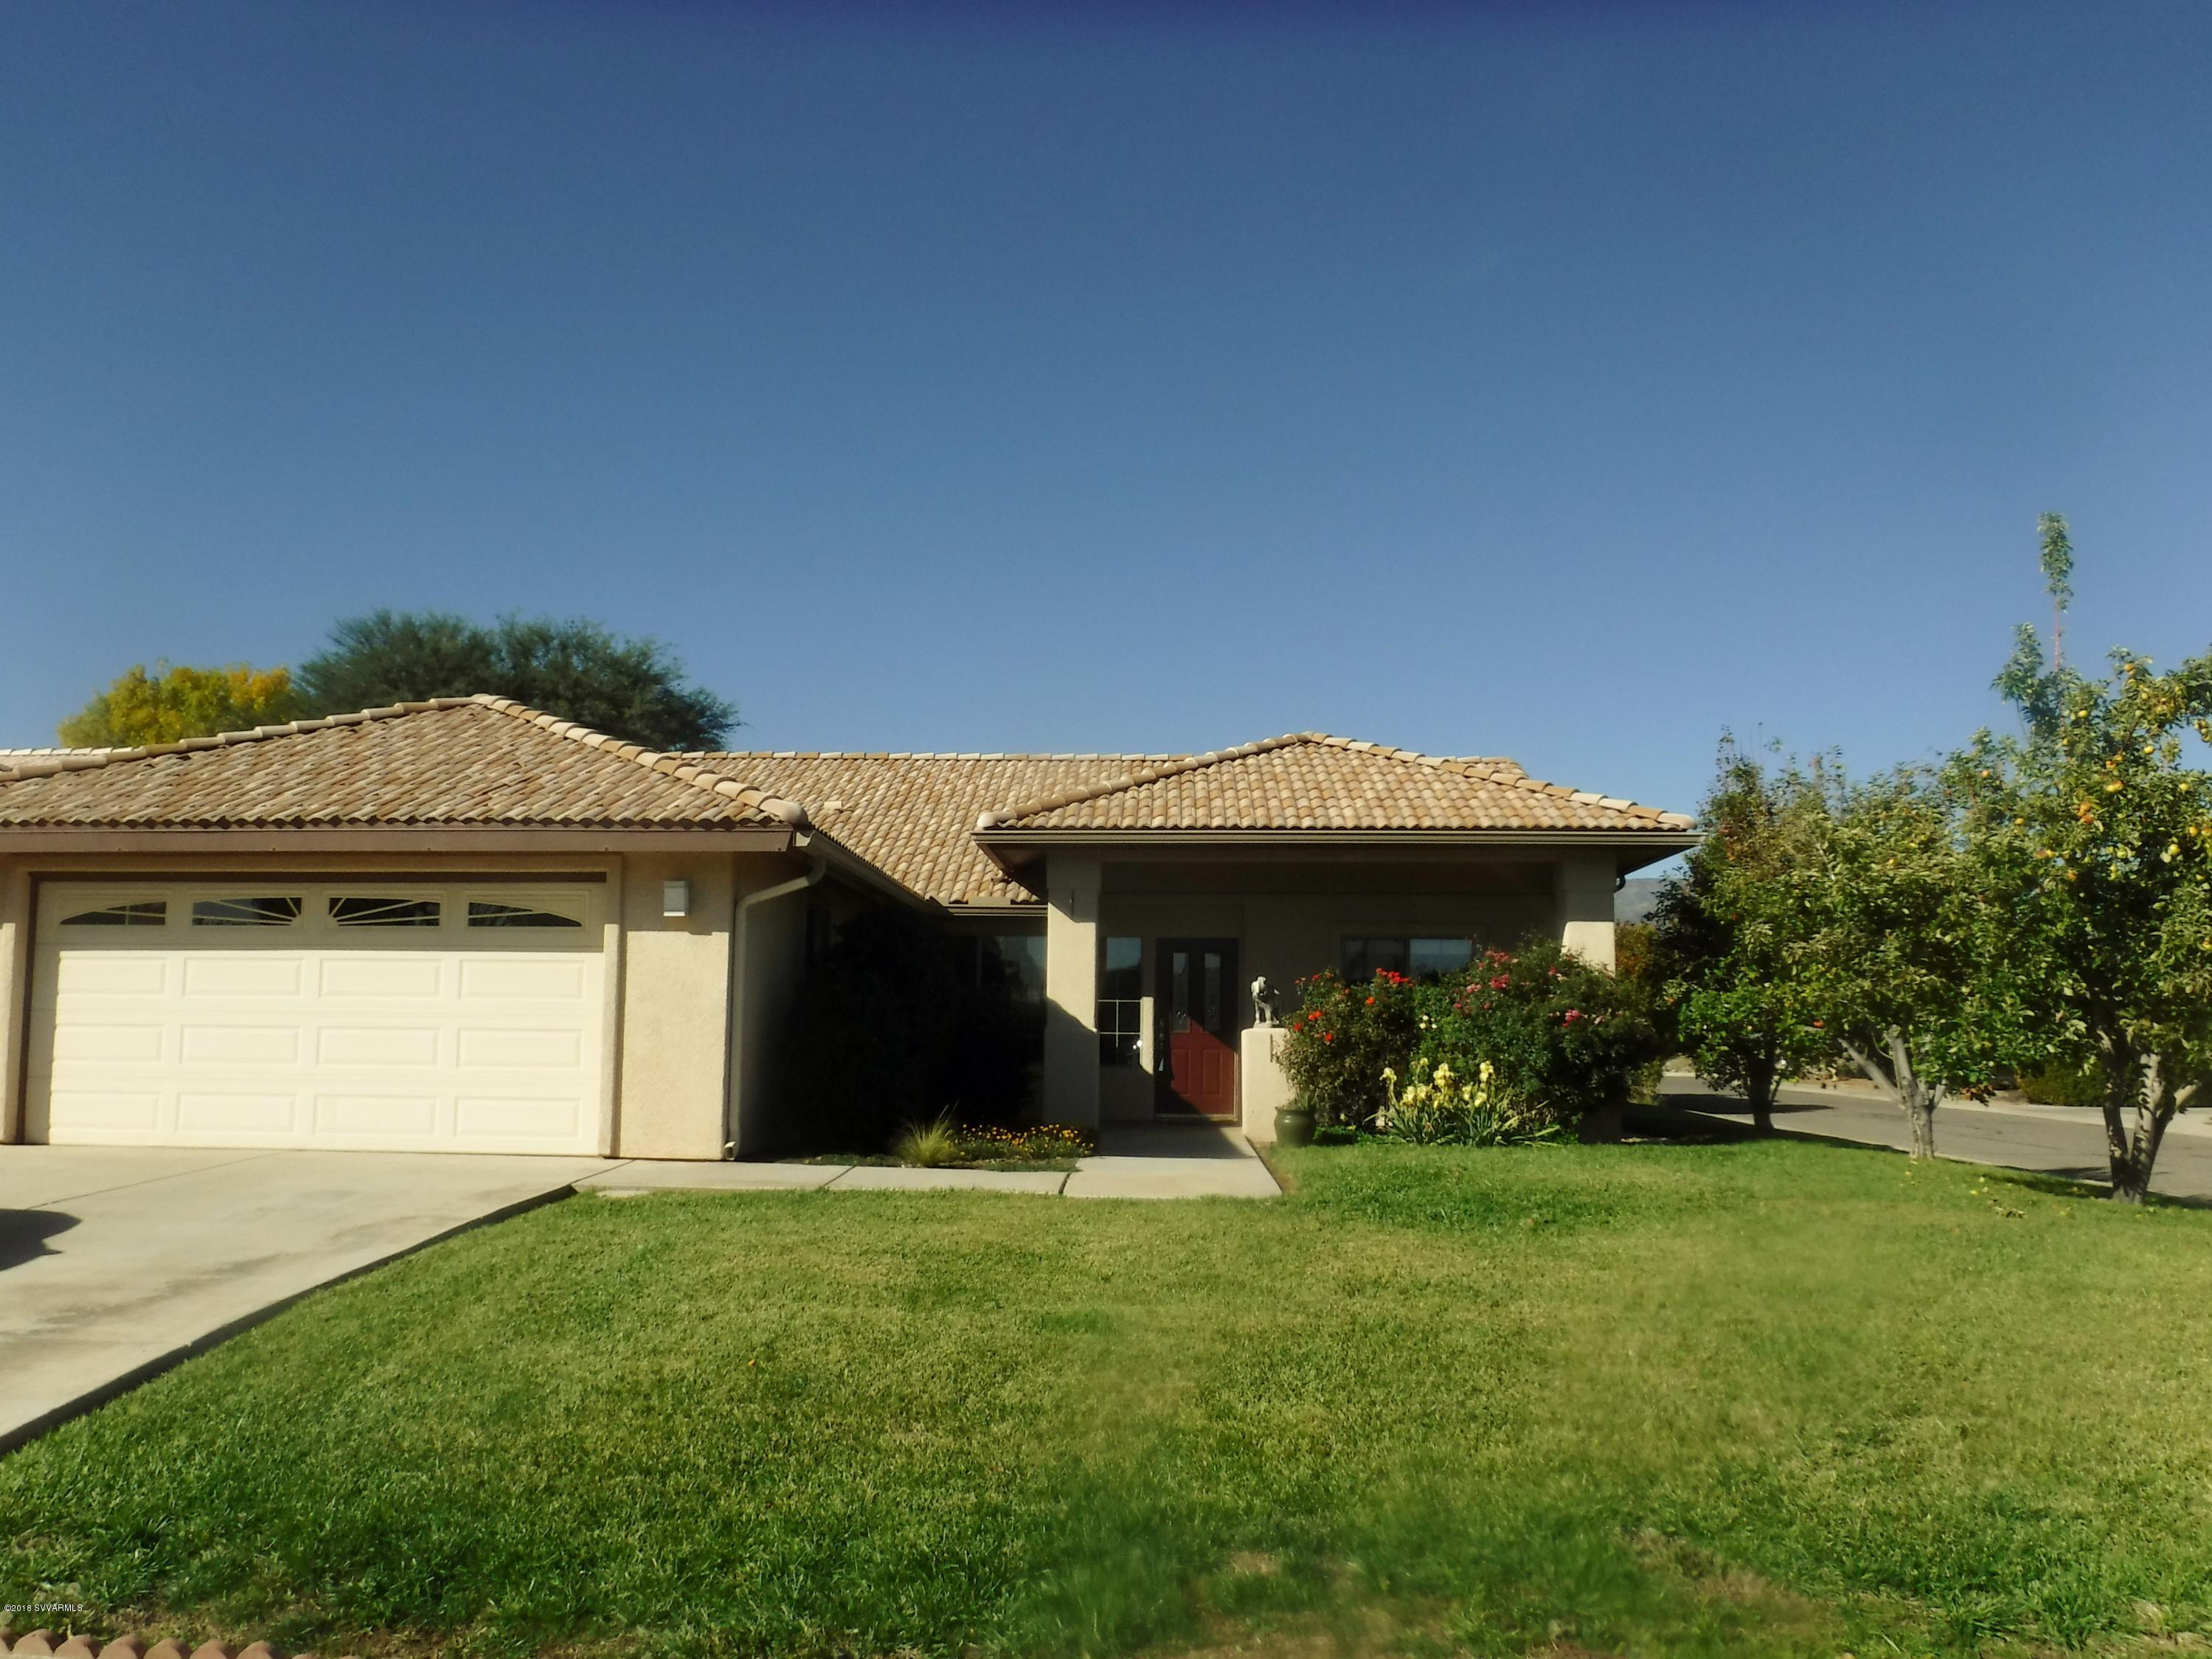 904 S 3RD St Cottonwood, AZ 86326